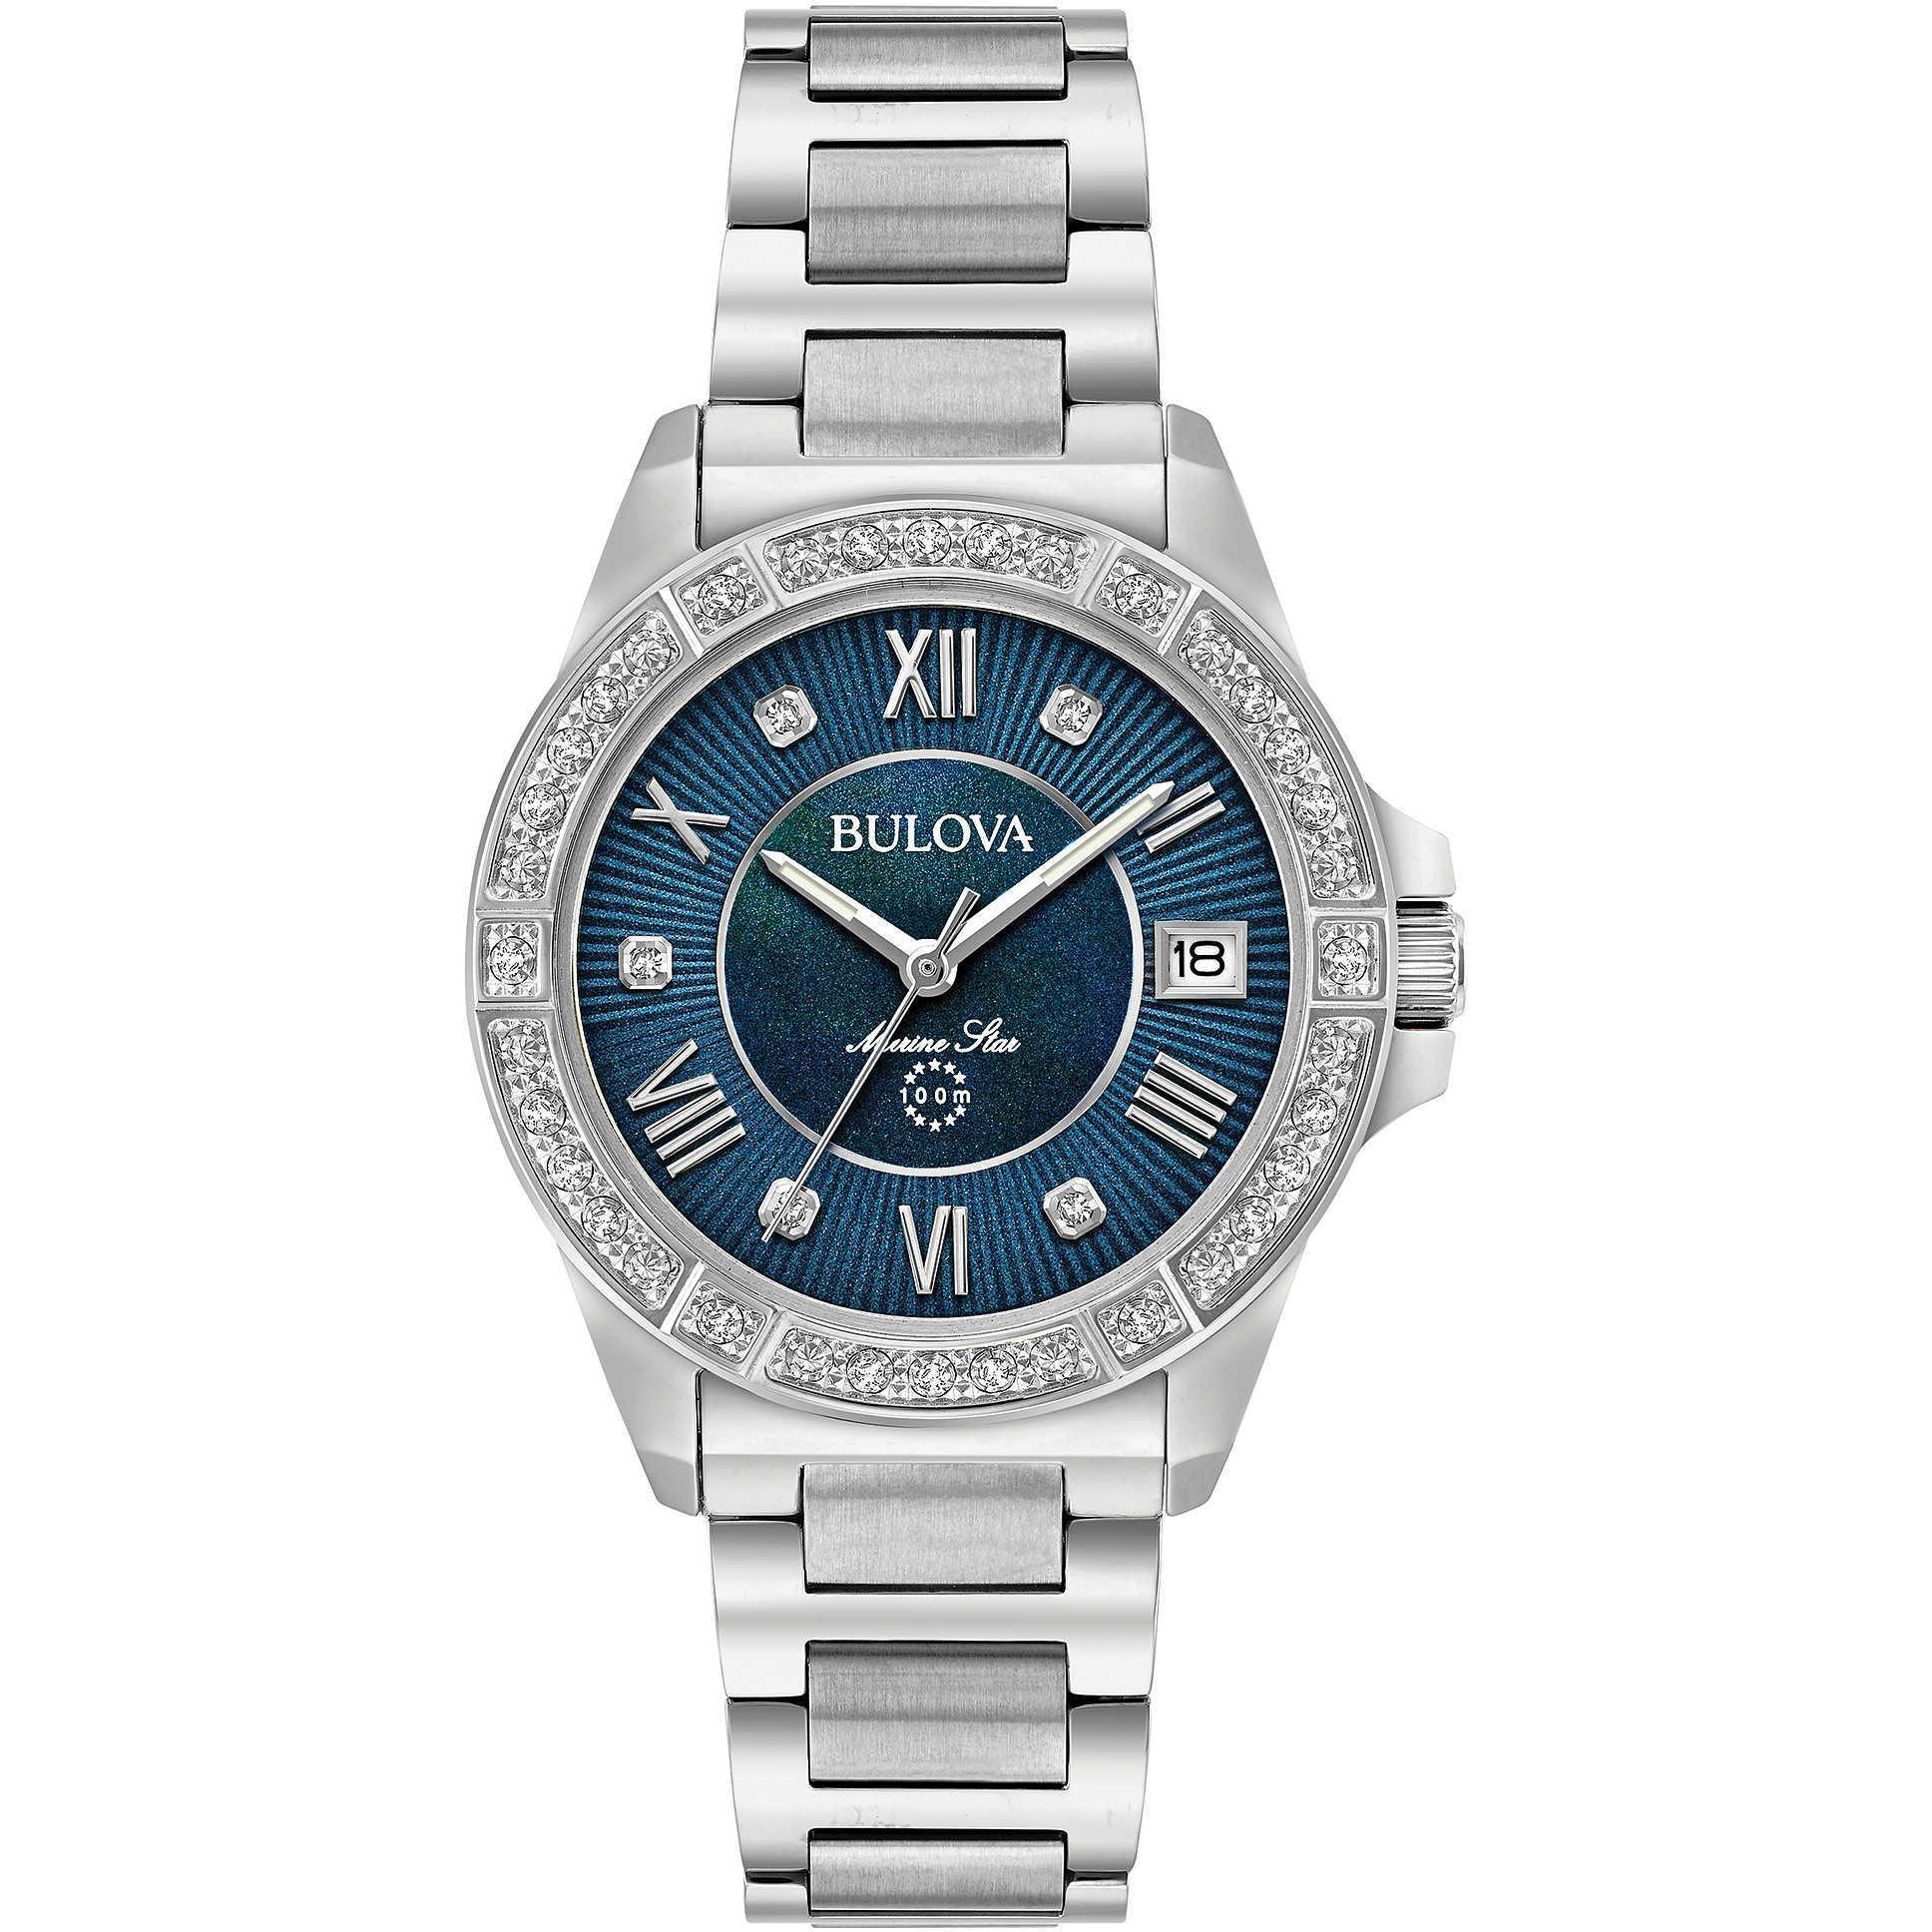 BULOVA-Marine Star orologio da donna con diamanti